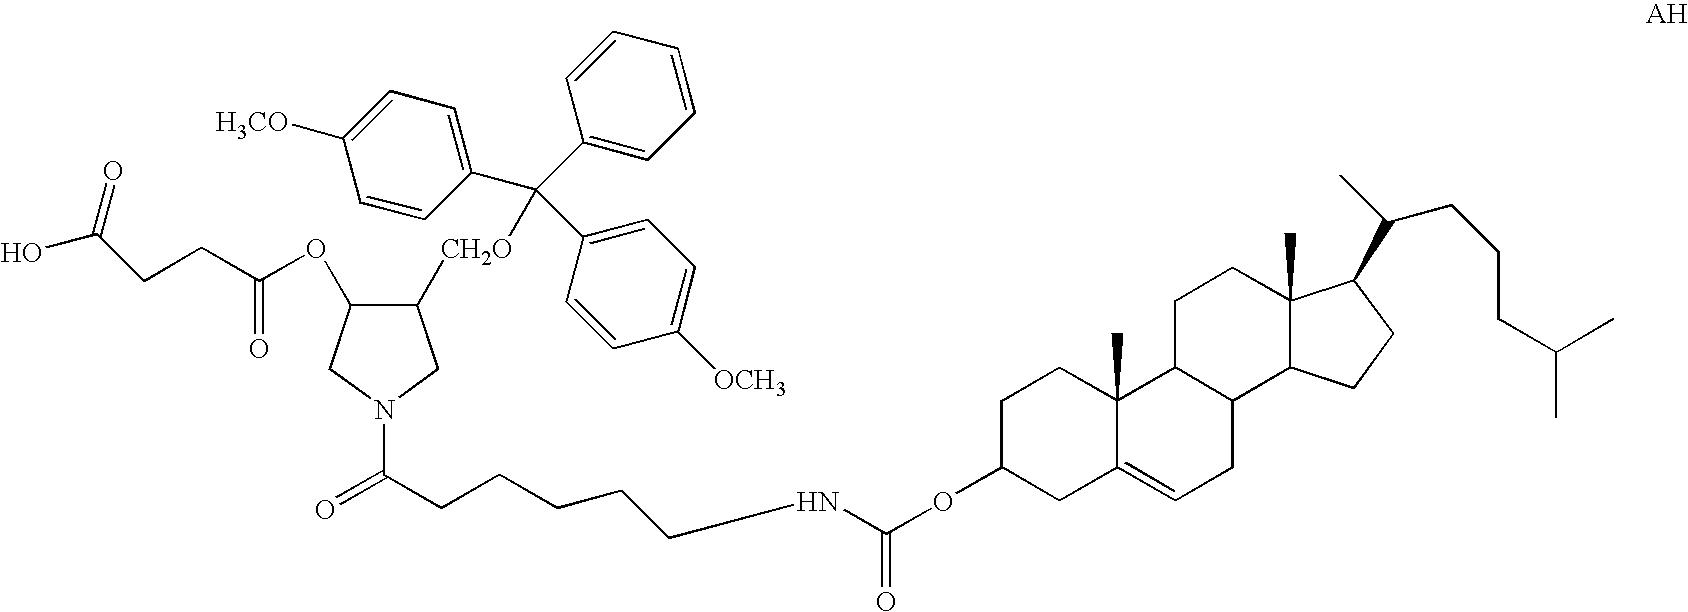 Figure US07582745-20090901-C00009